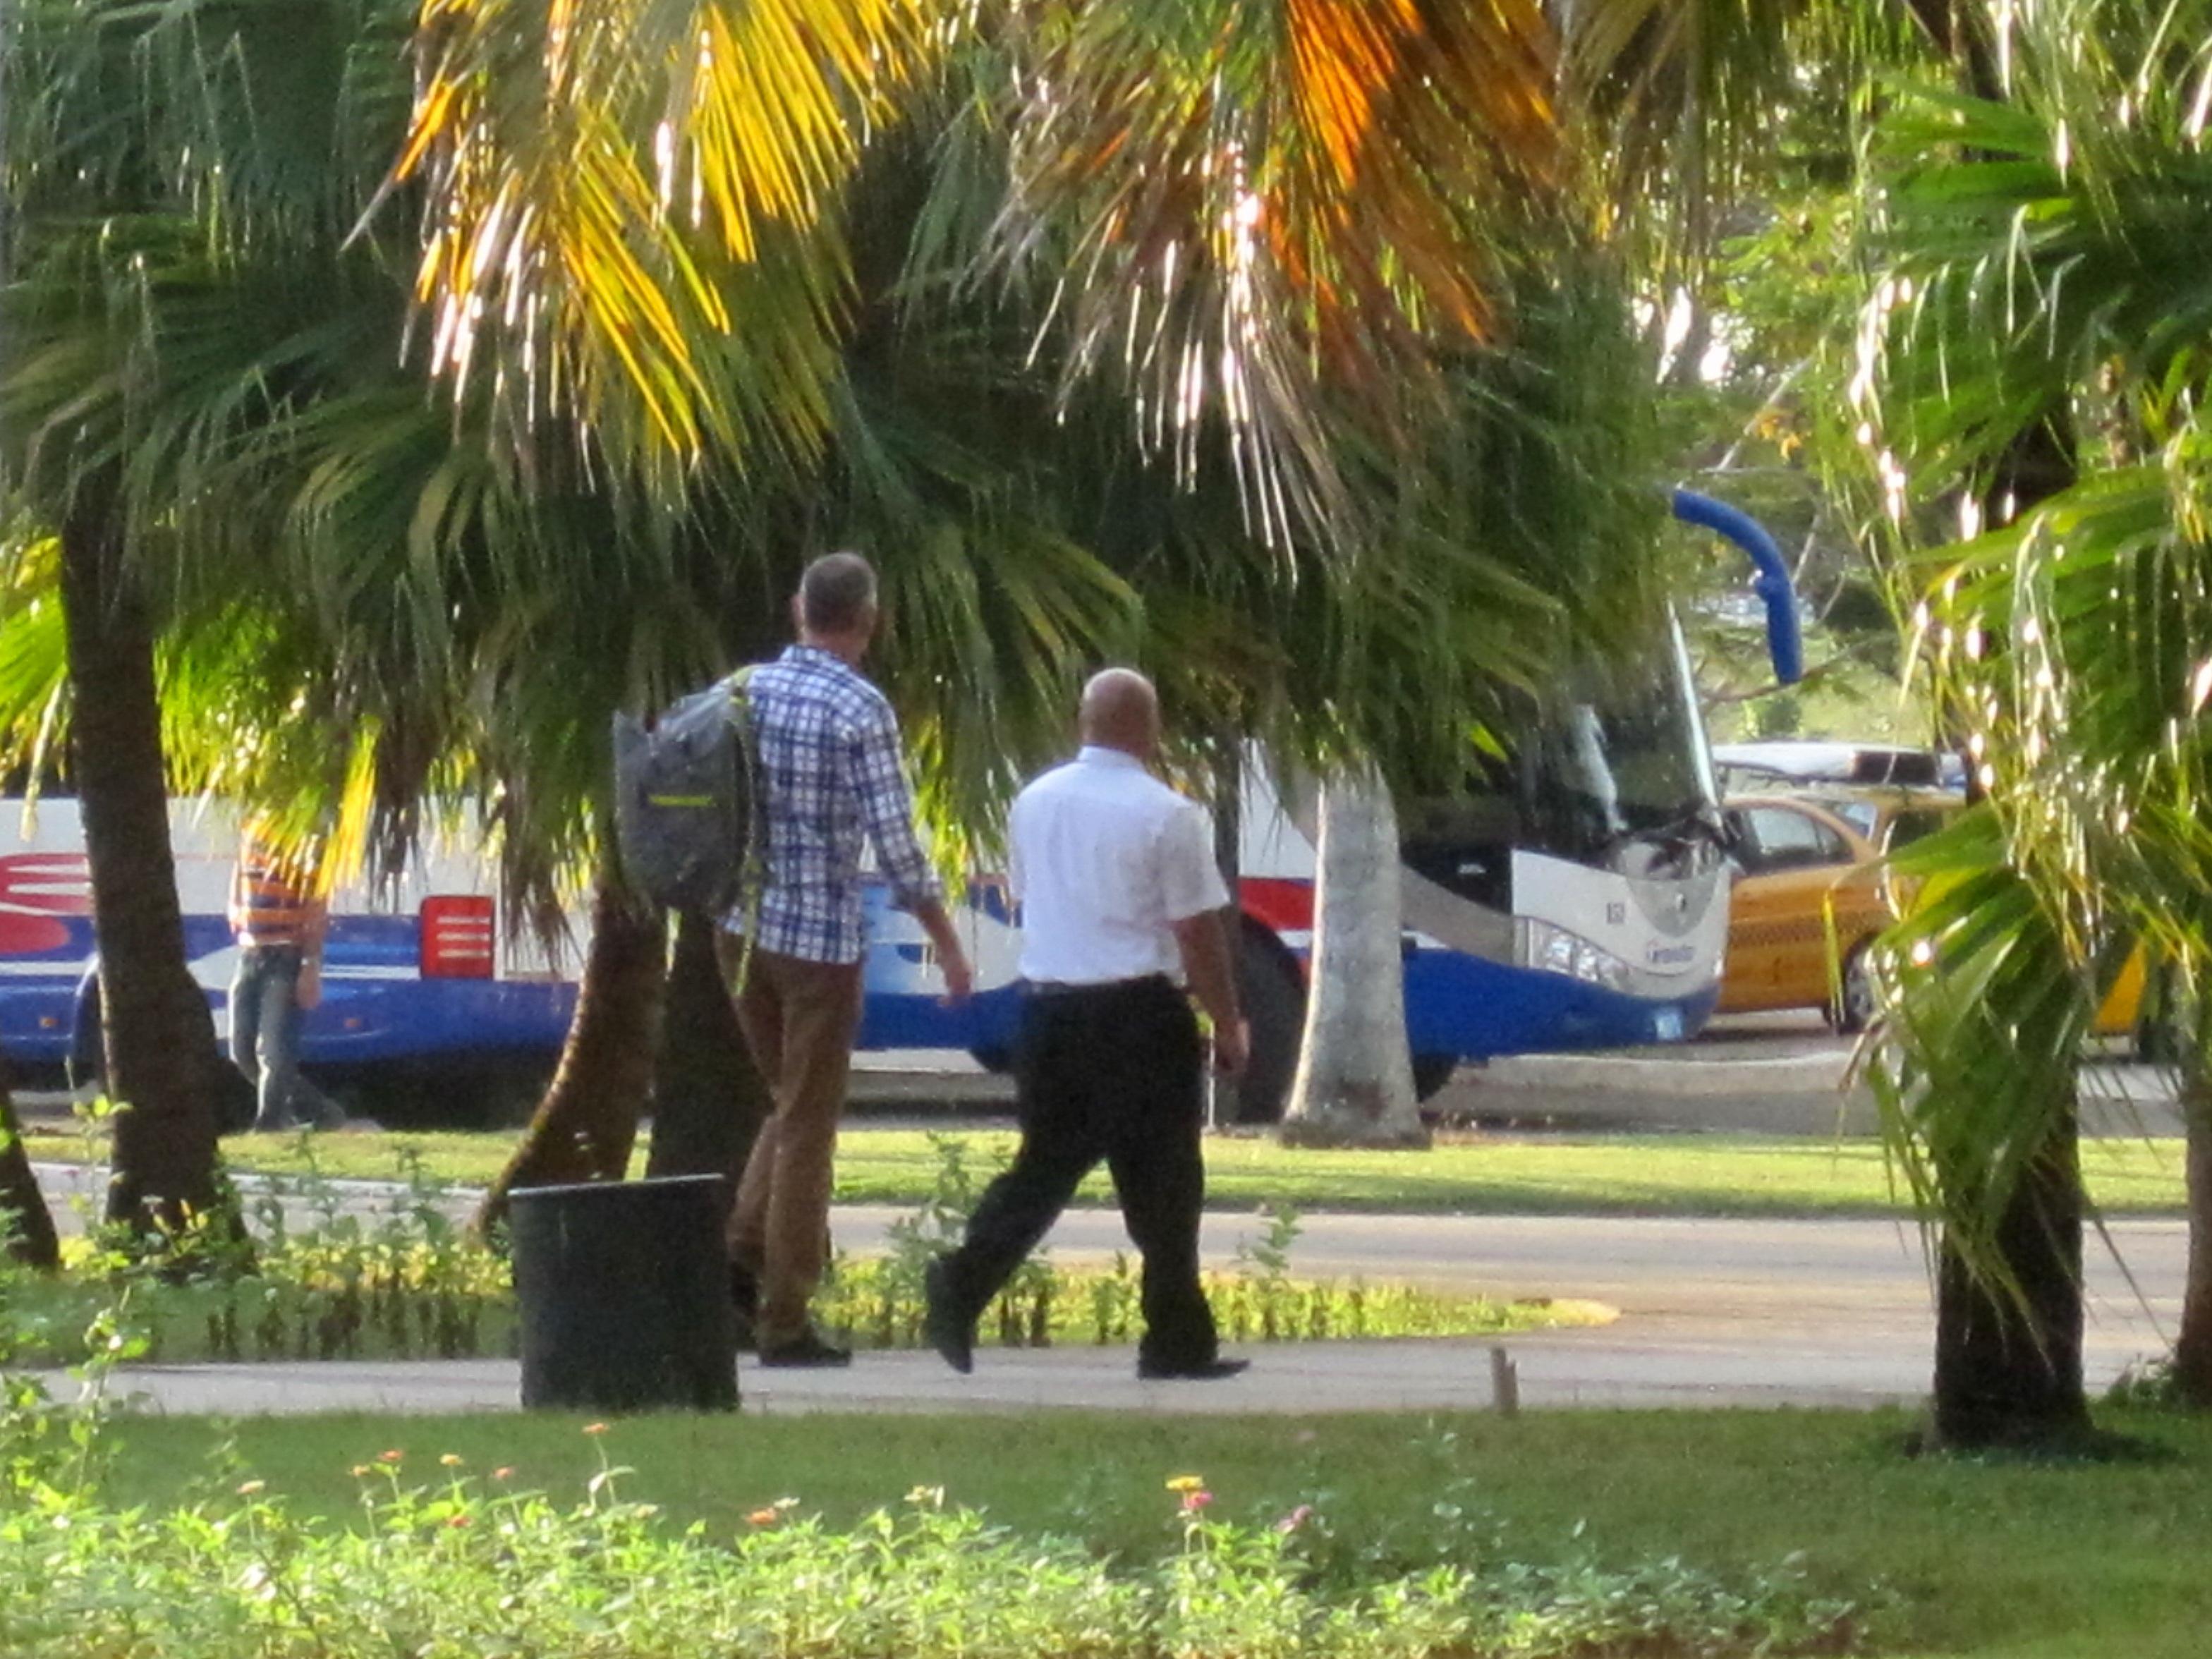 Sol, varme, palmer. Og på vej efter bilen.